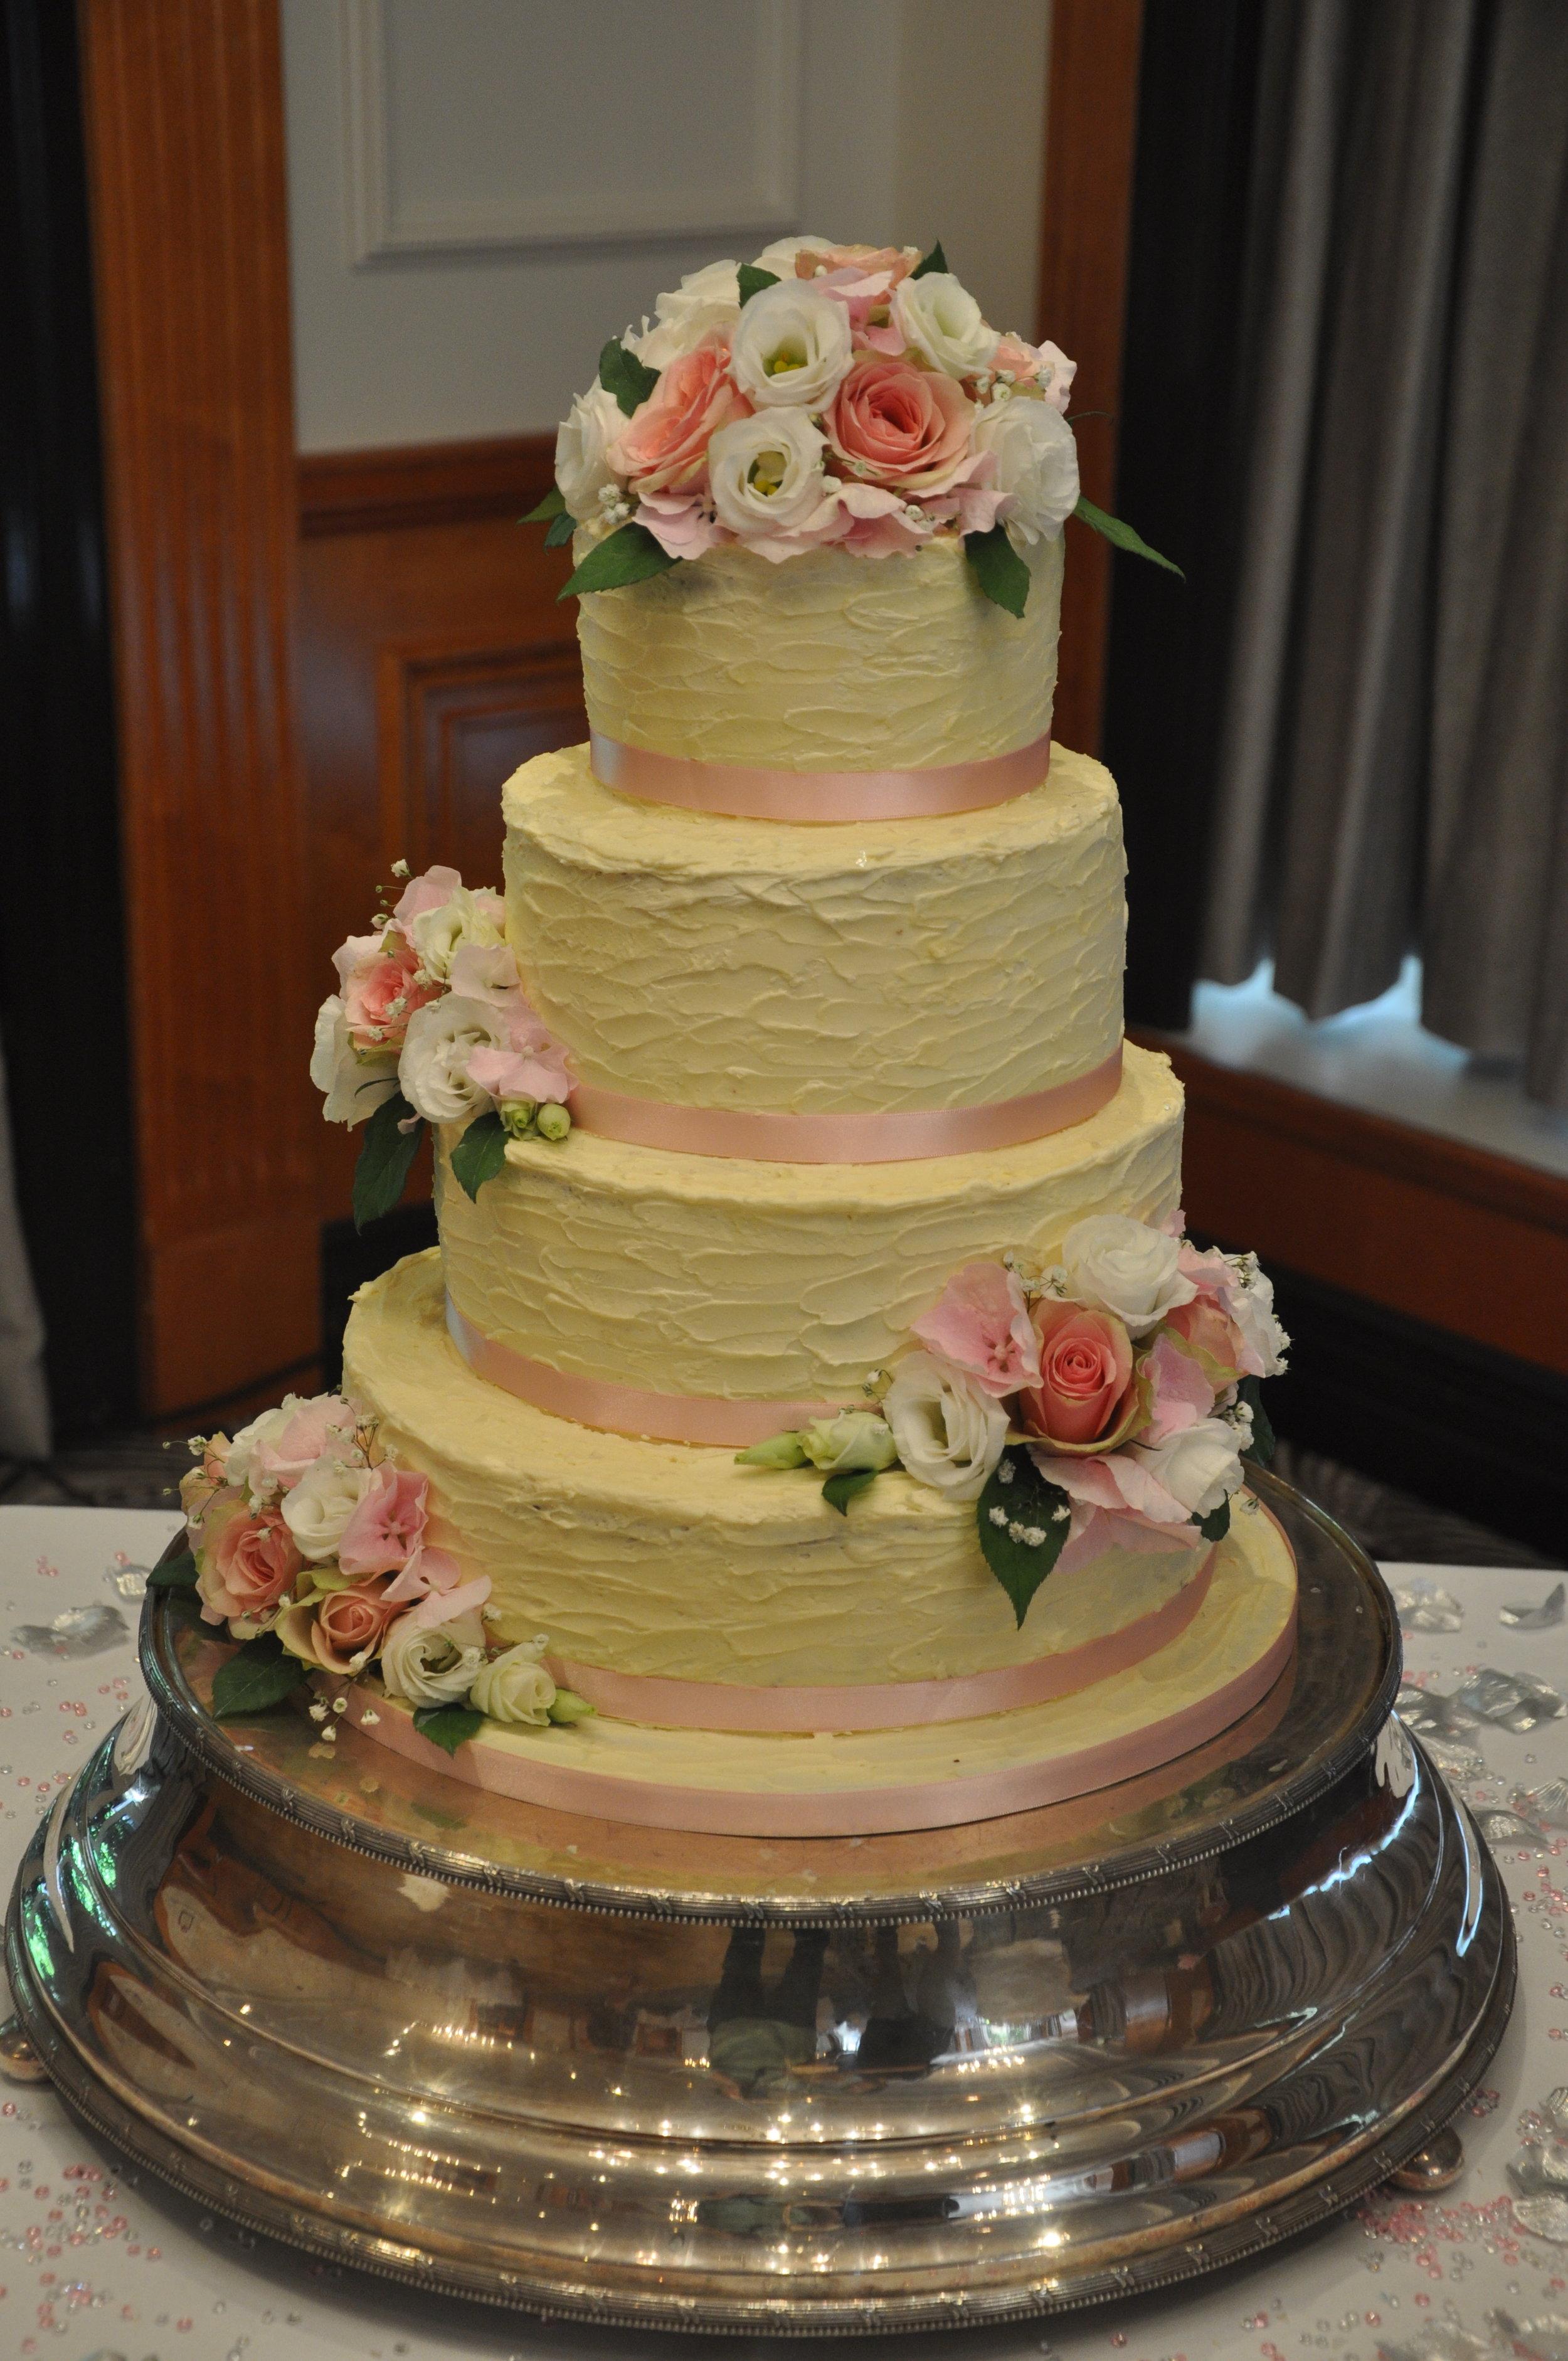 Cakeadelic Wedding Cakes And Birthday Cakes In Berkshire